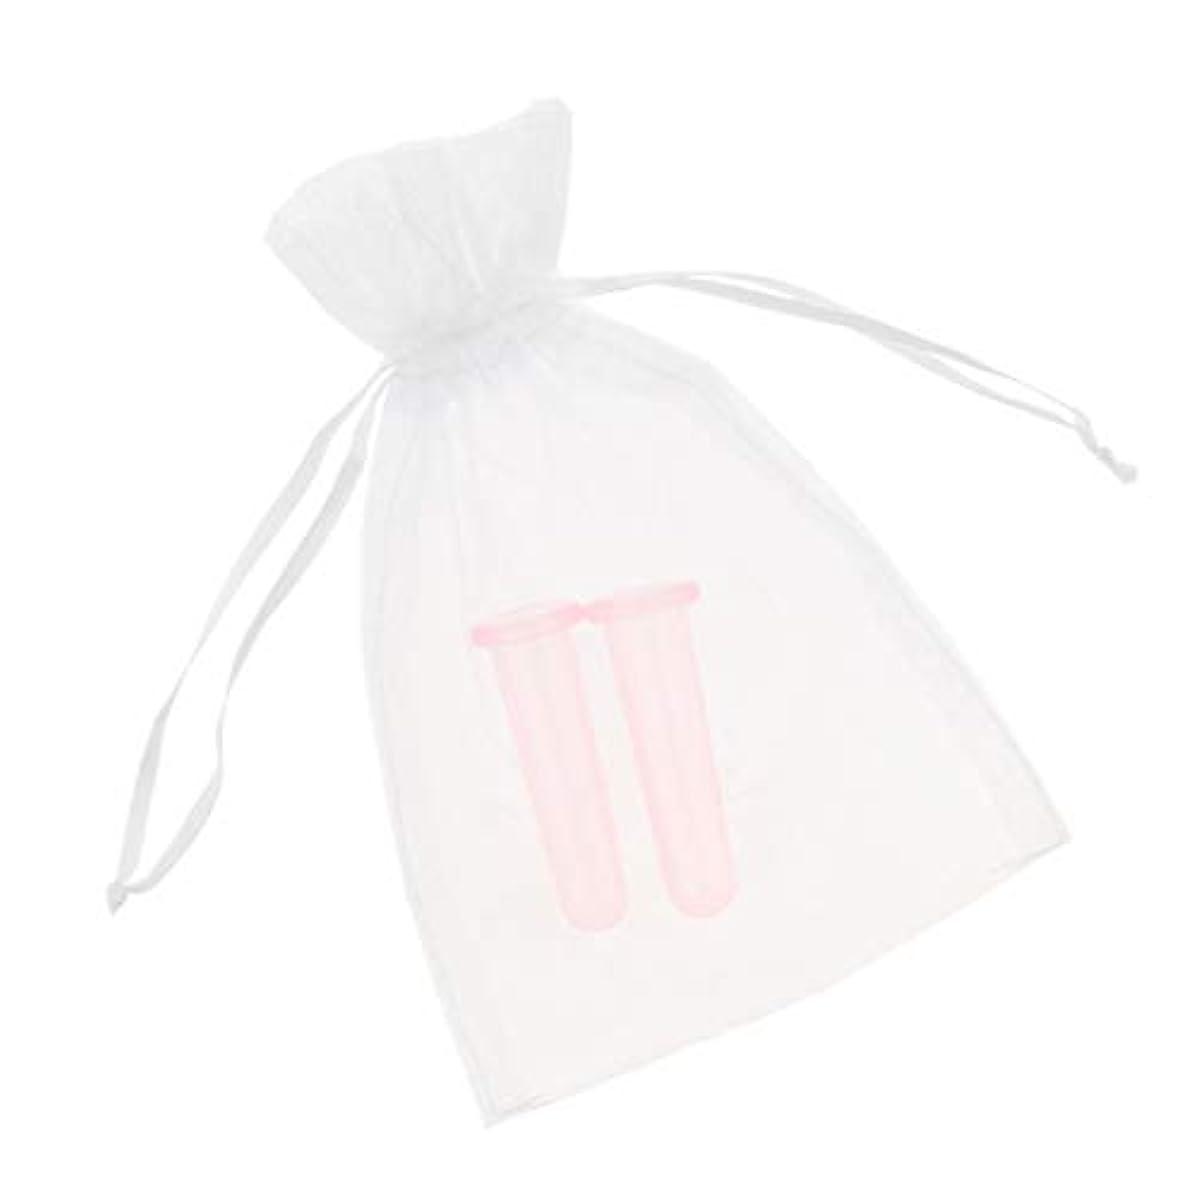 工業化するり印をつけるFLAMEER 2個 真空顔用 シリコーン マッサージカップ 吸い玉 マッサージ カッピング 収納ポーチ付き 全2色 - ピンク